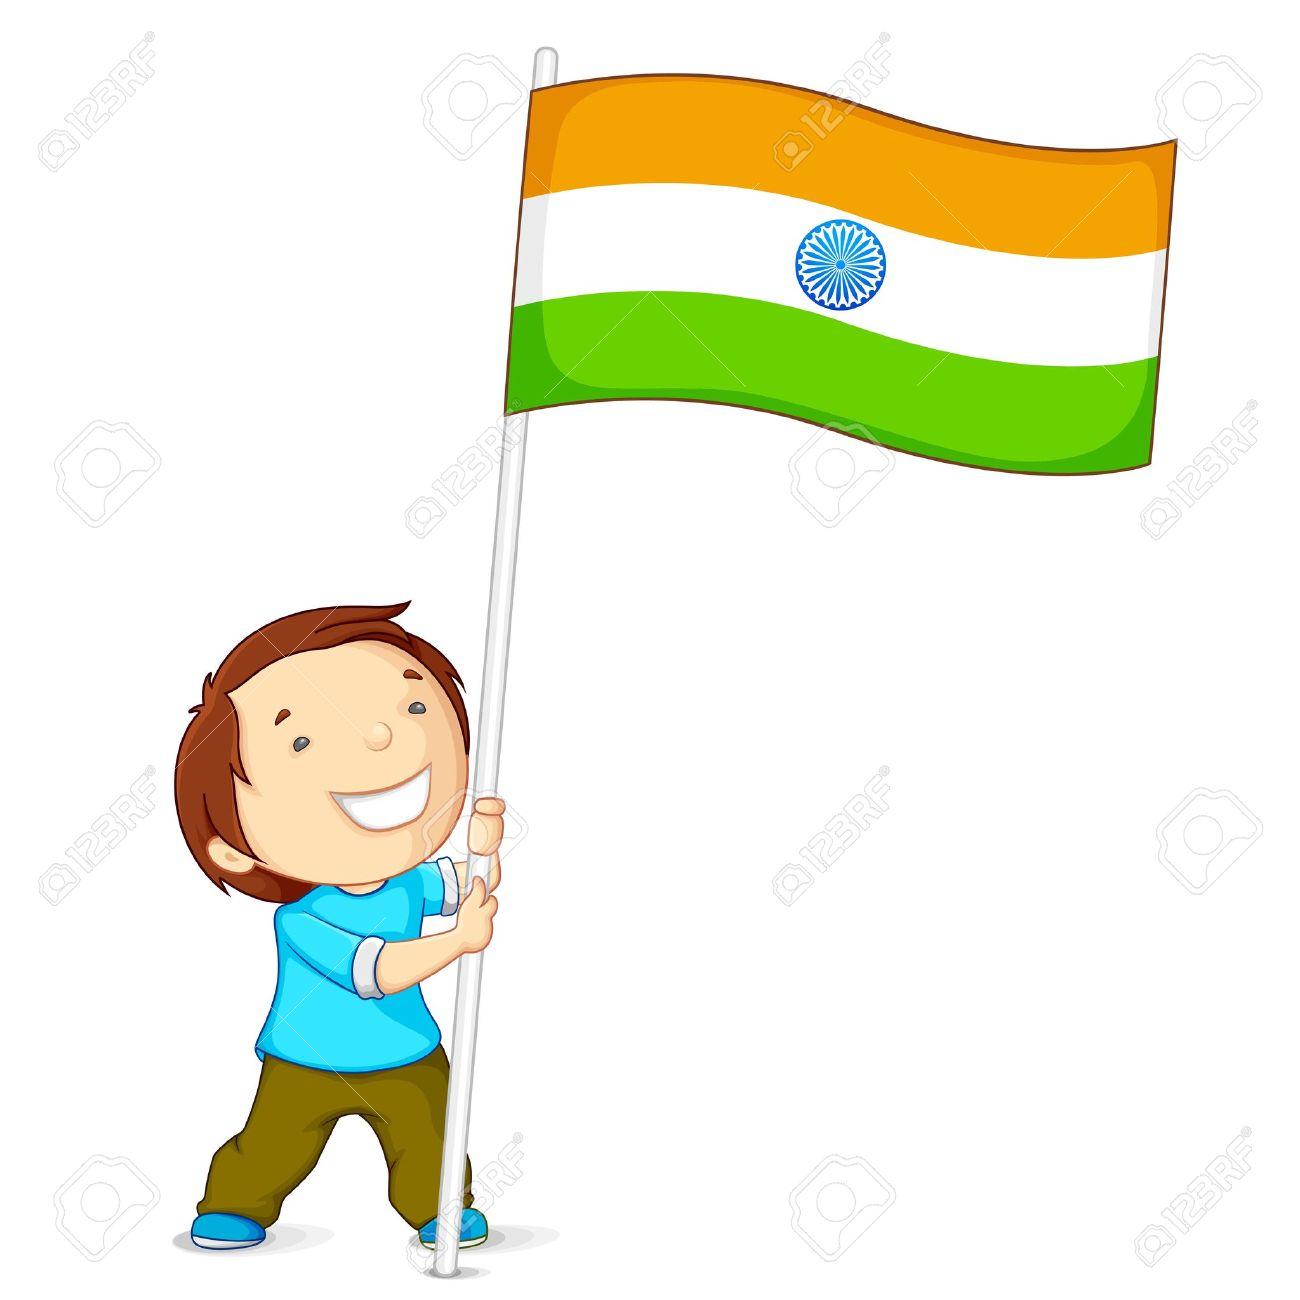 Clipart Child Holding Flag.